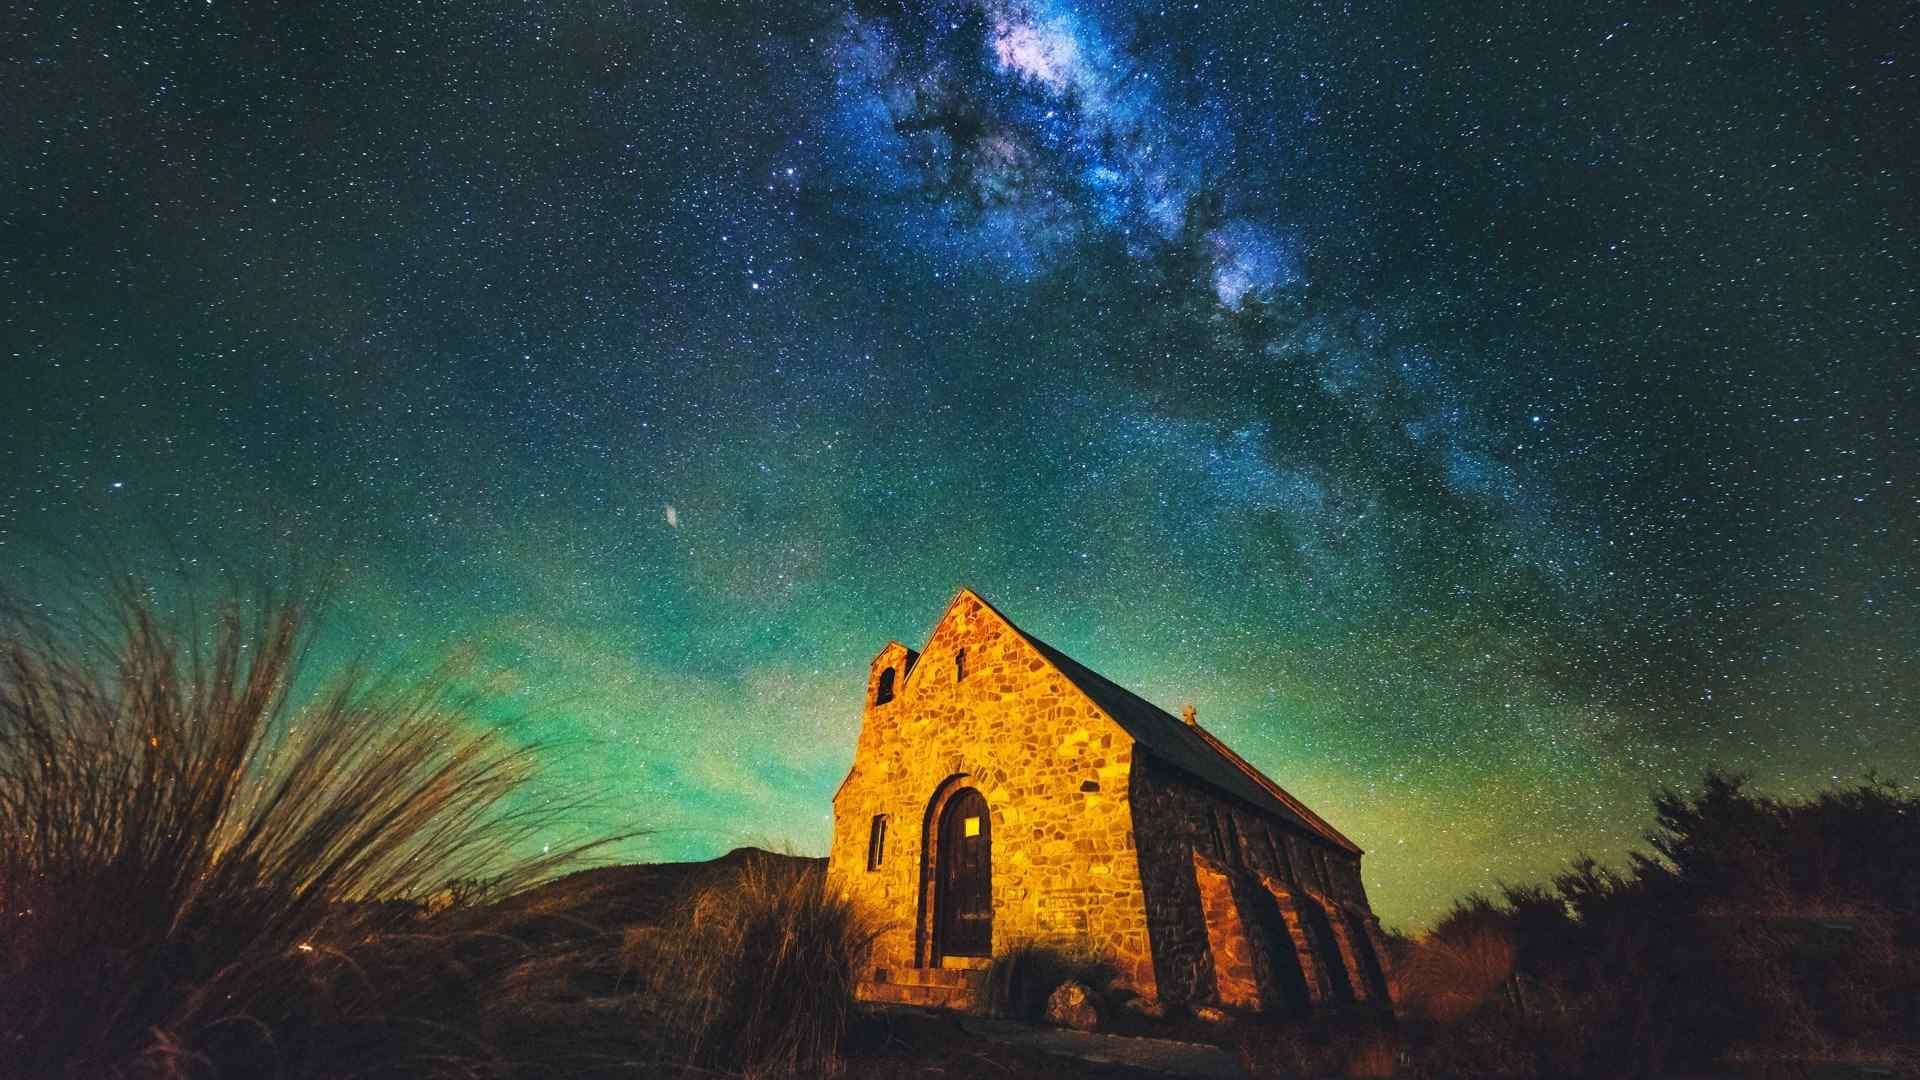 好看的新西兰风景图片高清壁纸